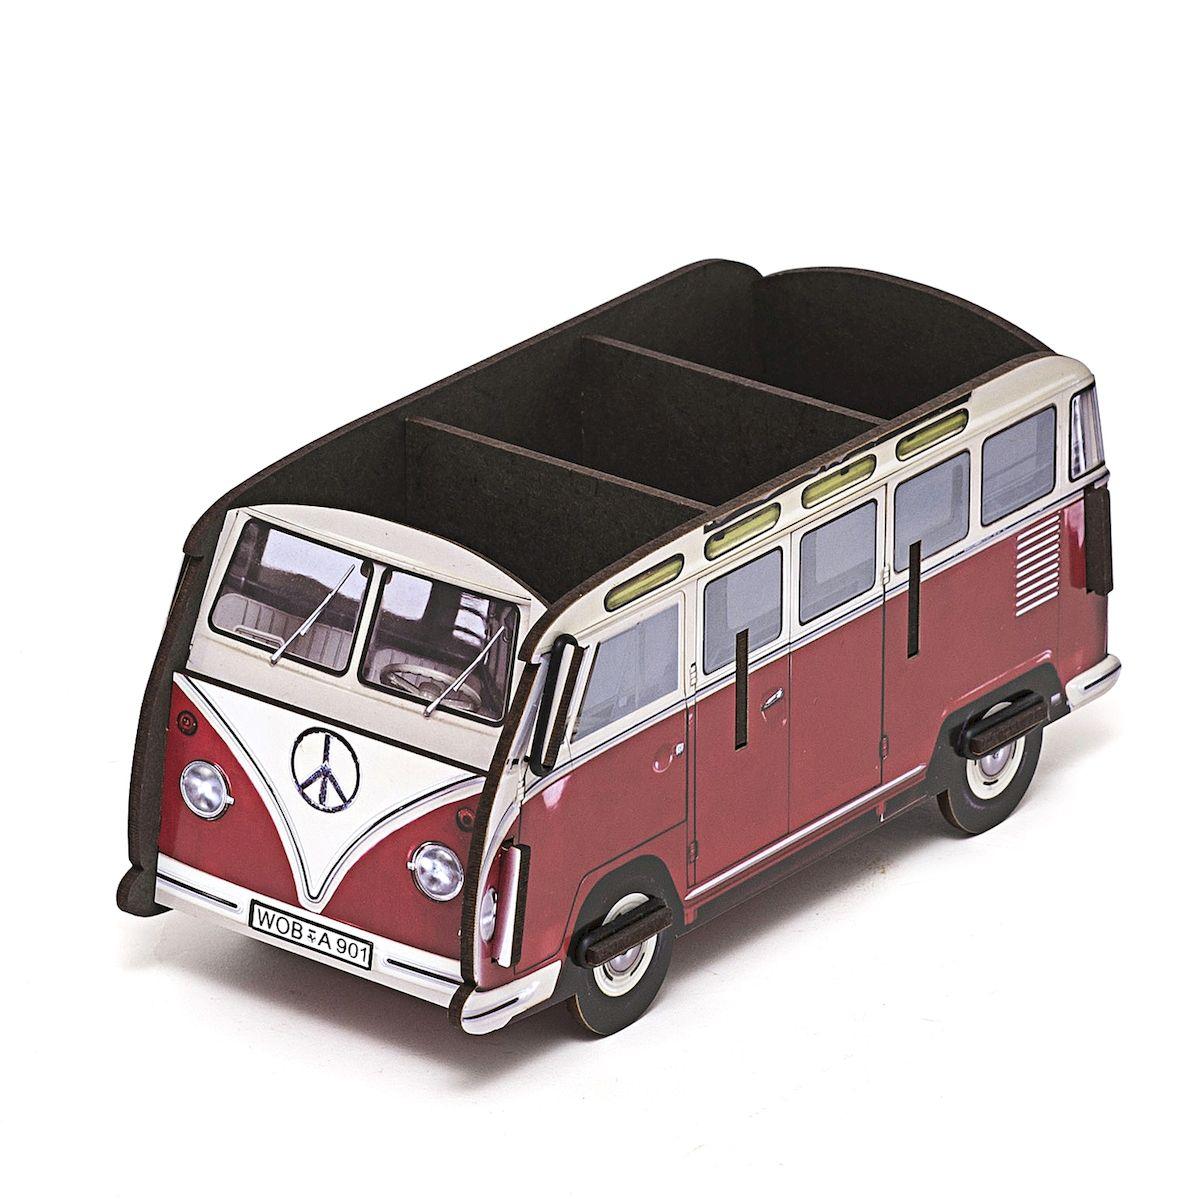 Органайзер настольный Homsu Оld Bus, 22,5 x 9,5 х 10,5 смHOM-338Органайзер настольный Homsu Оld Bus выполнен из МДФ. Настольный органайзер в виде автобуса - это не только способ хранения косметики и других принадлежностей, но и настоящее украшение интерьера. Изделие имеет необычный дизайн и множество отделений сверху для хранения различных предметов.